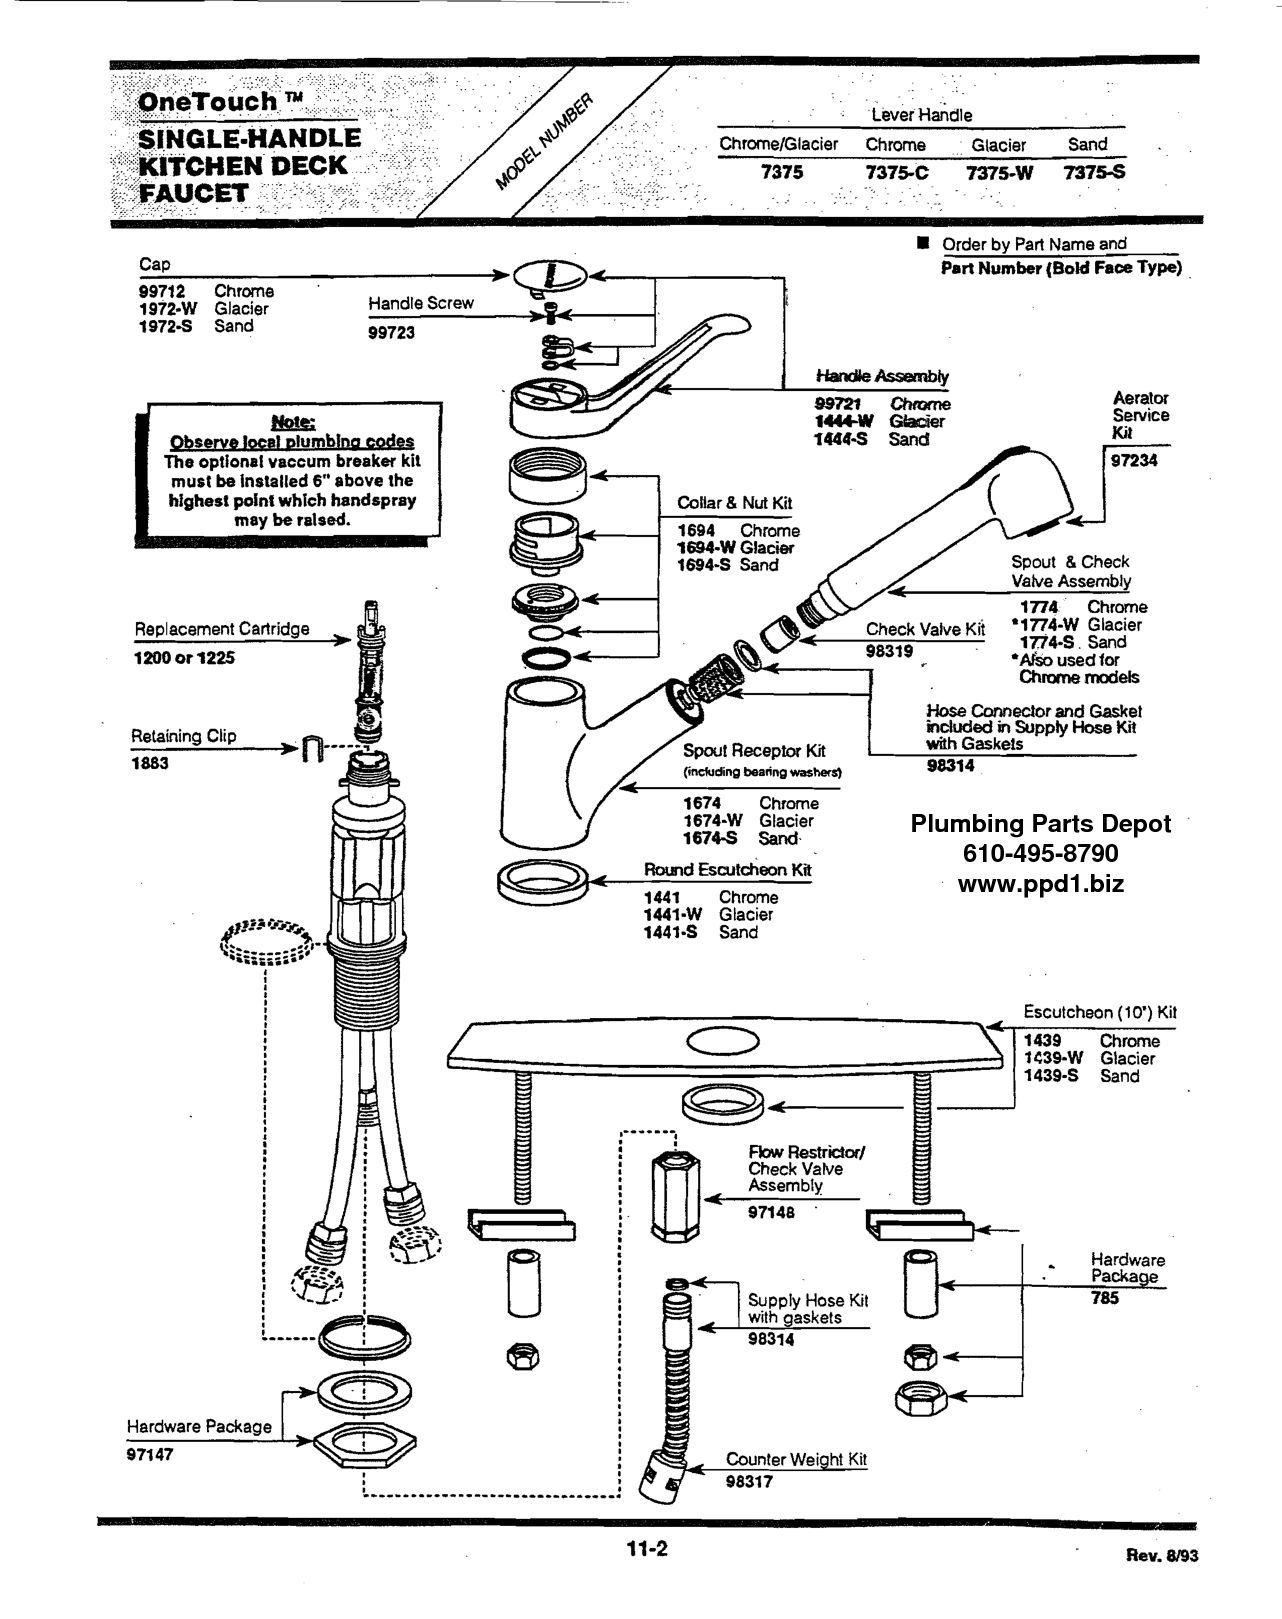 Moen Kitchen Faucet Parts Diagram Überprüfen Sie mehr unter http ...